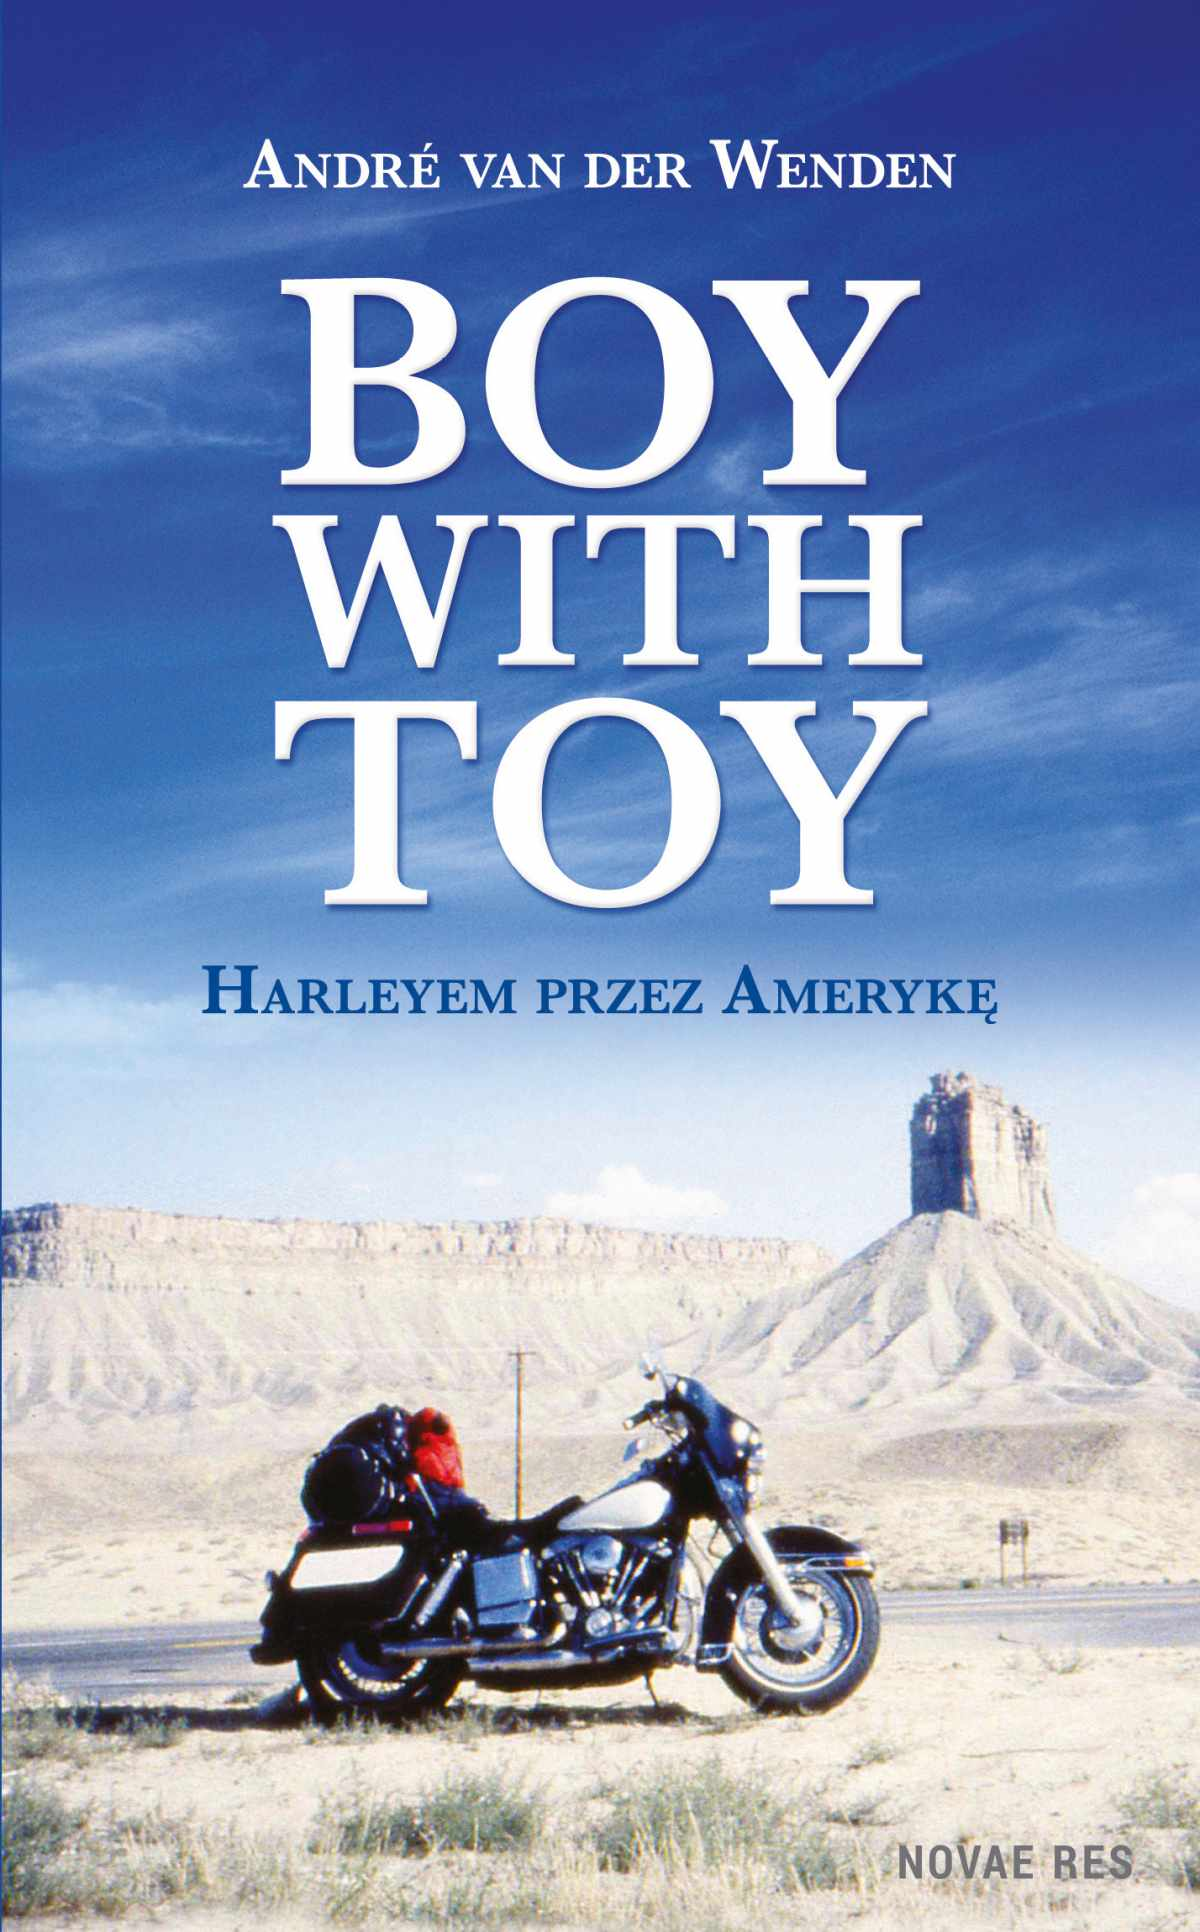 Boy with Toy. Harleyem przez Amerykę - Ebook (Książka EPUB) do pobrania w formacie EPUB